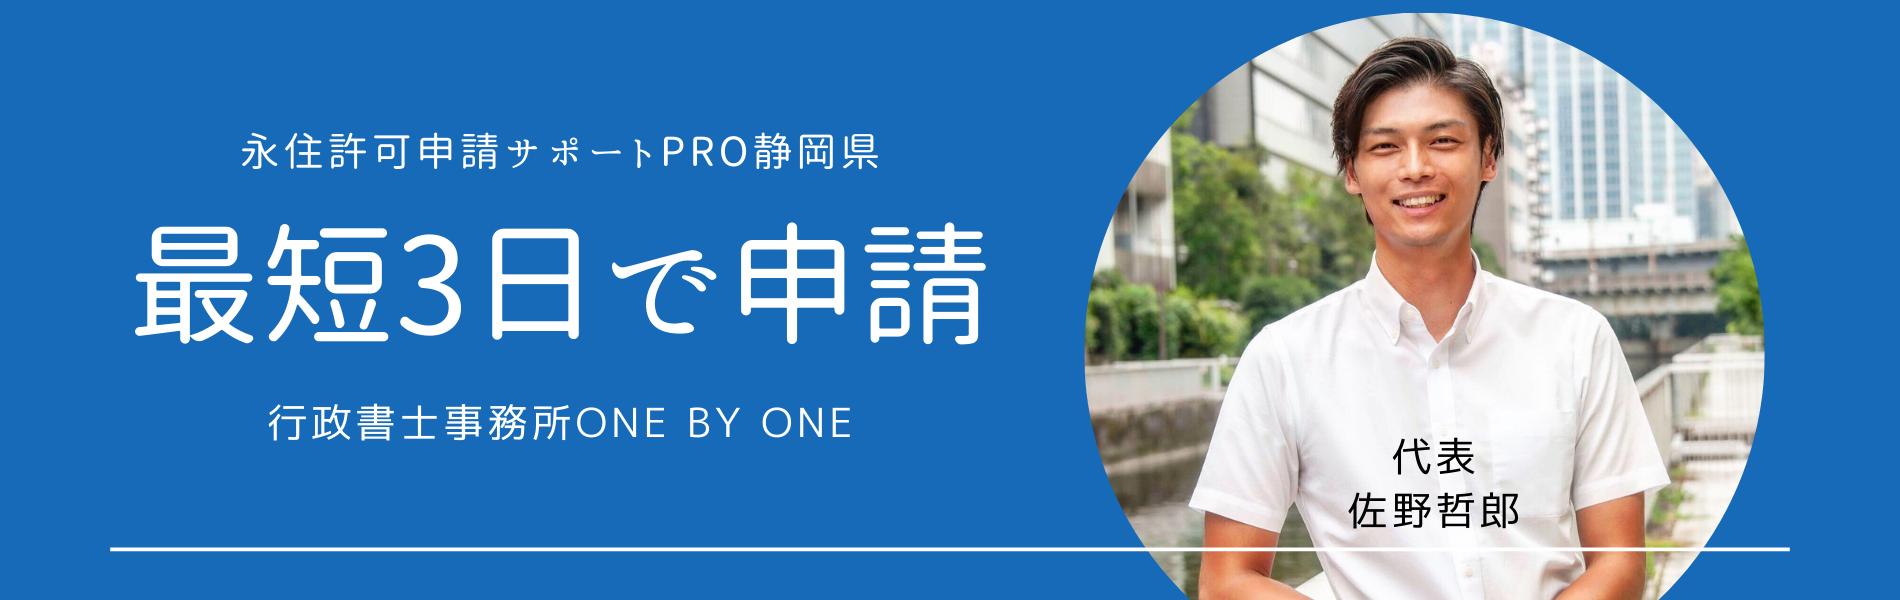 永住許可申請サポートPRO静岡